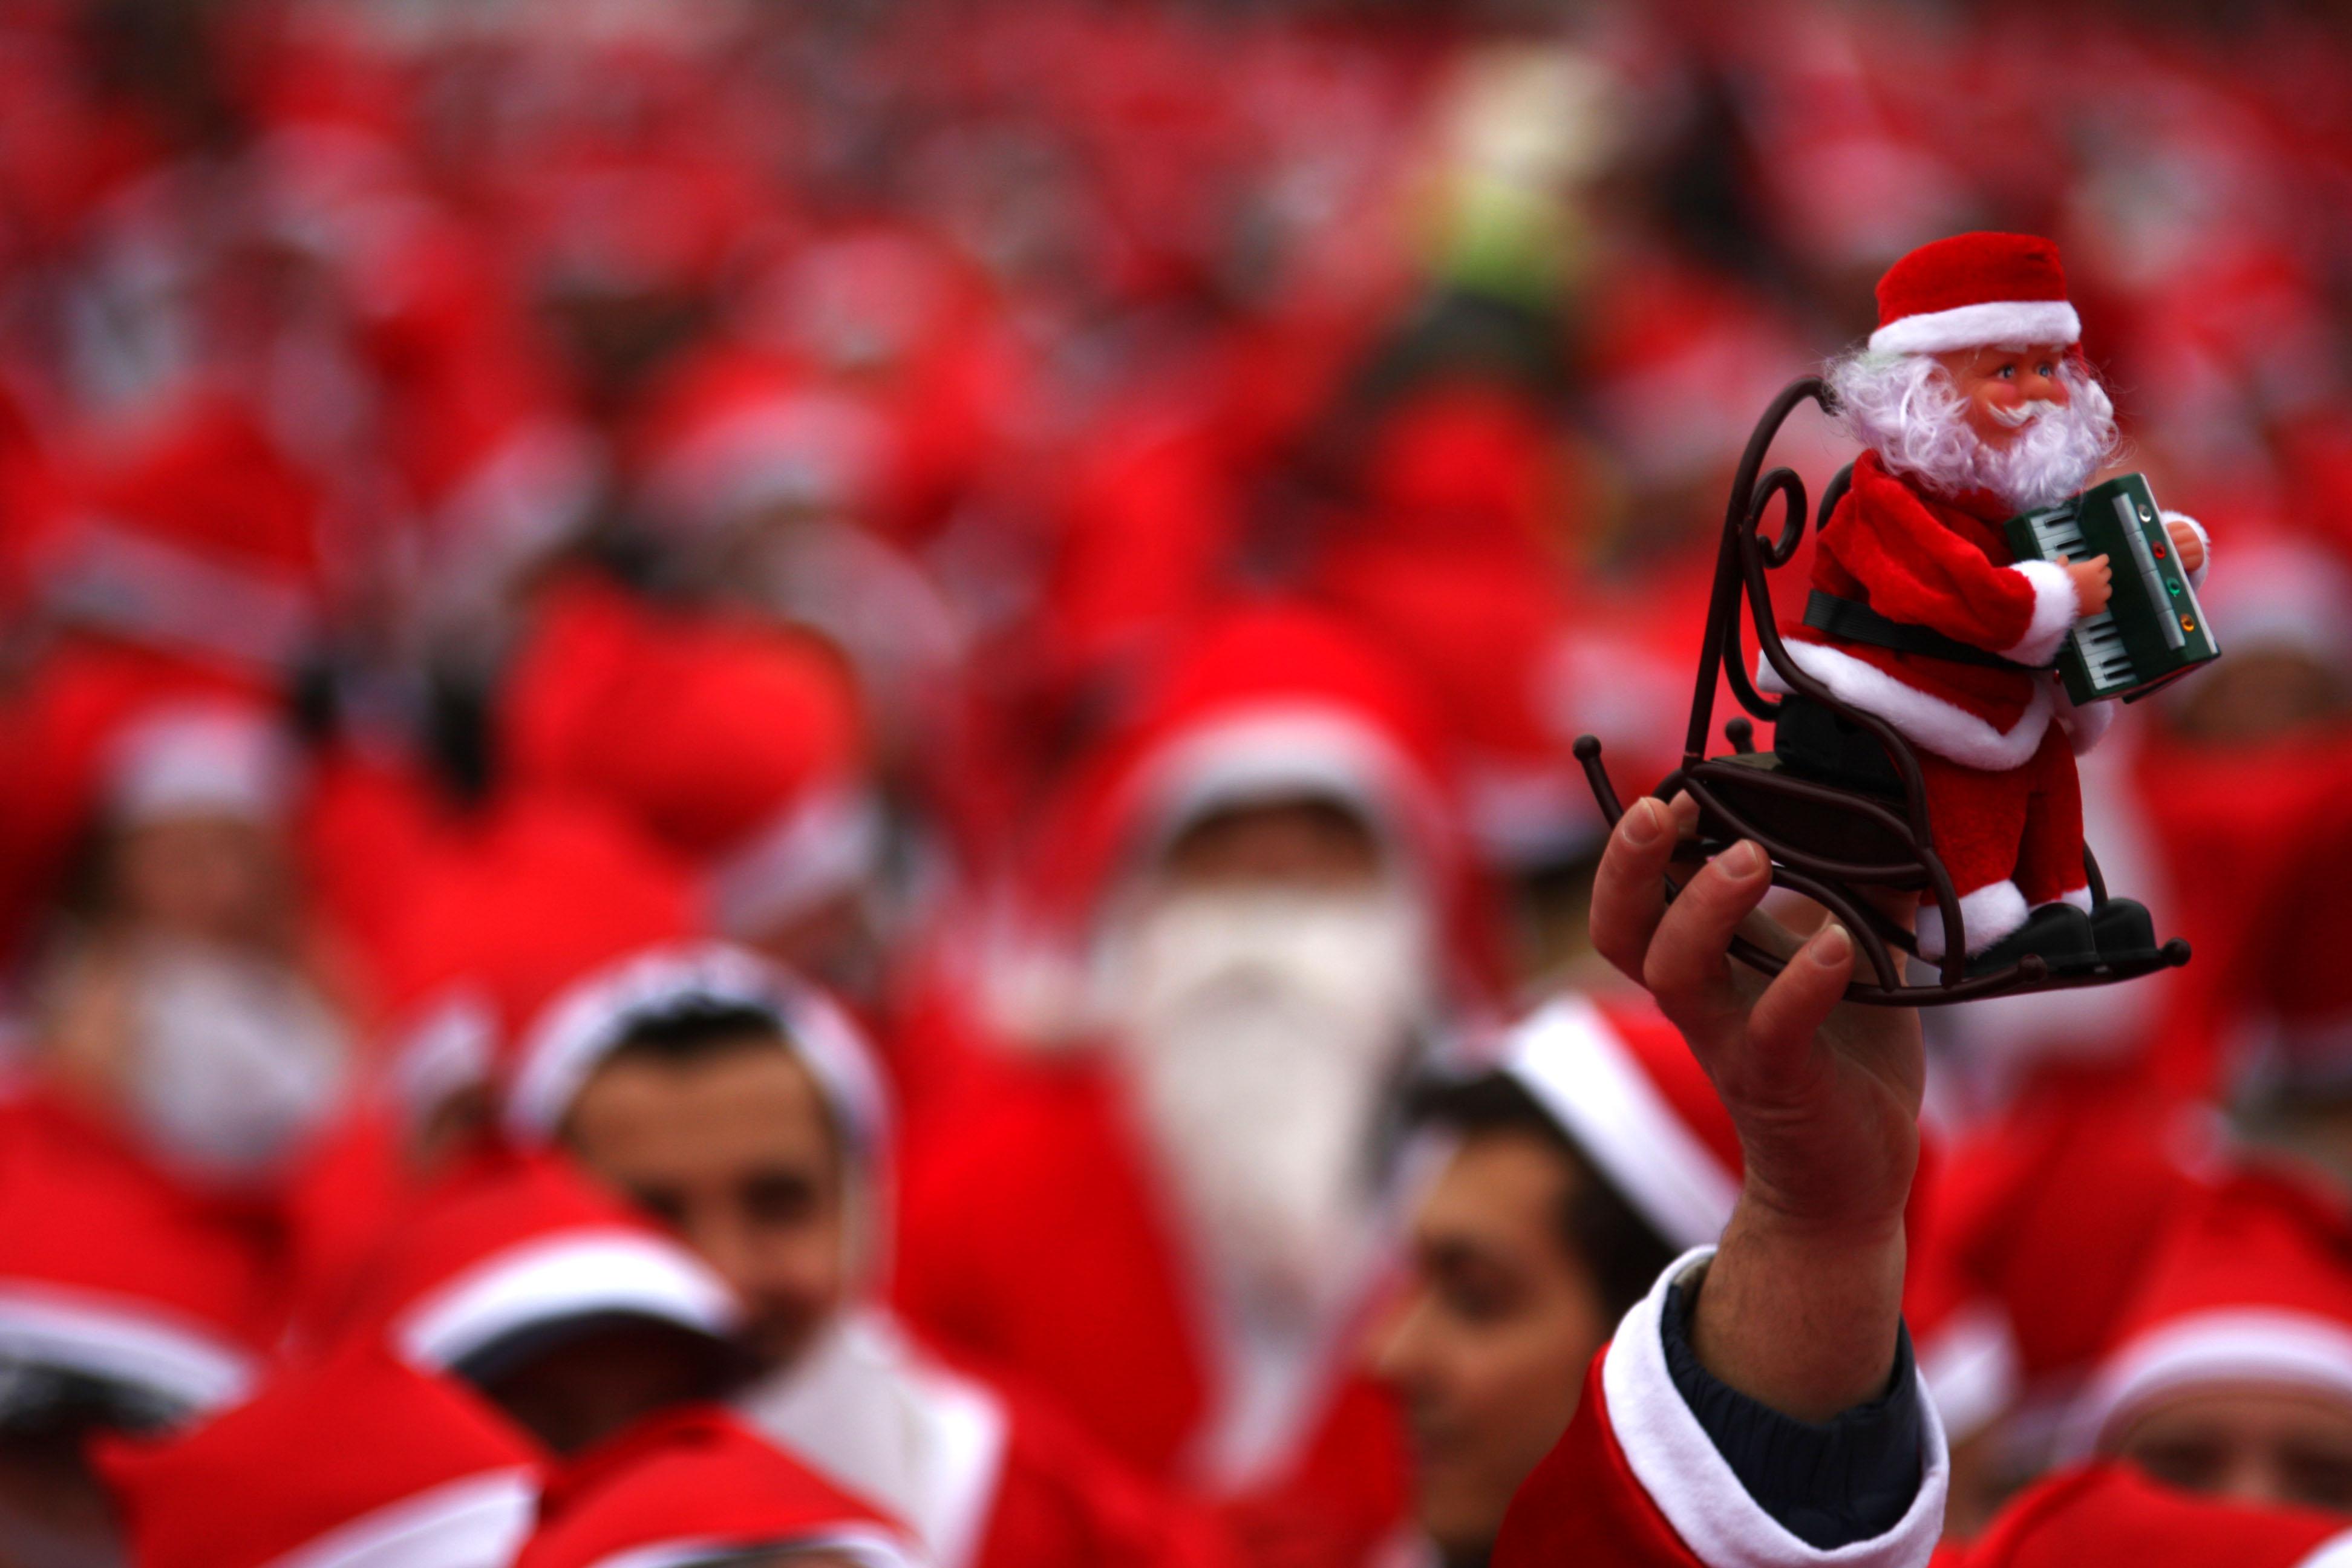 TAXĂ majorată de la 30 de lei la 100 de lei pe zi pentru comercianţii din Bucureşti care vând suveniruri de Crăciun